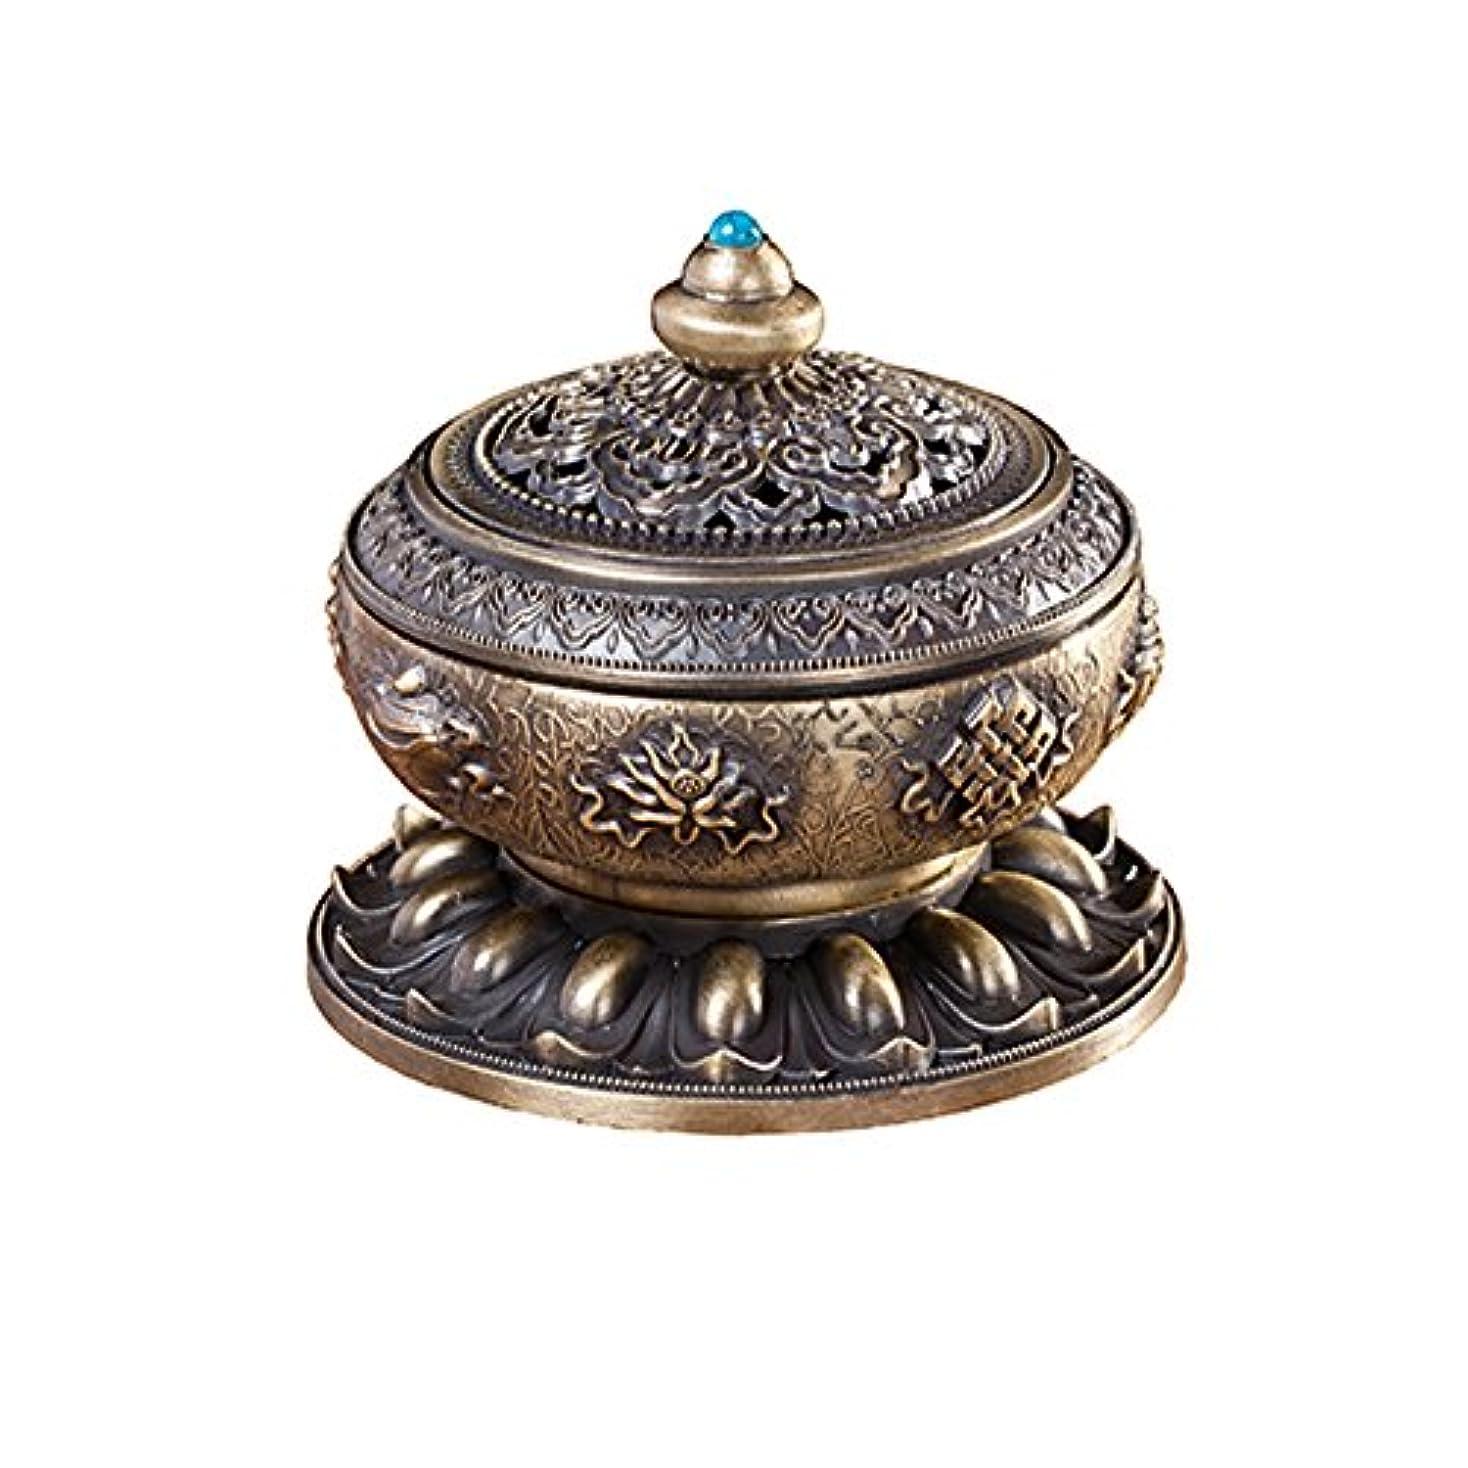 嵐のロゴタイルBUYSEEY 家用 アロマ香炉 青銅 ブロンズ 丸香炉 お香立て 渦巻き線香 などに 香立て付き (M)